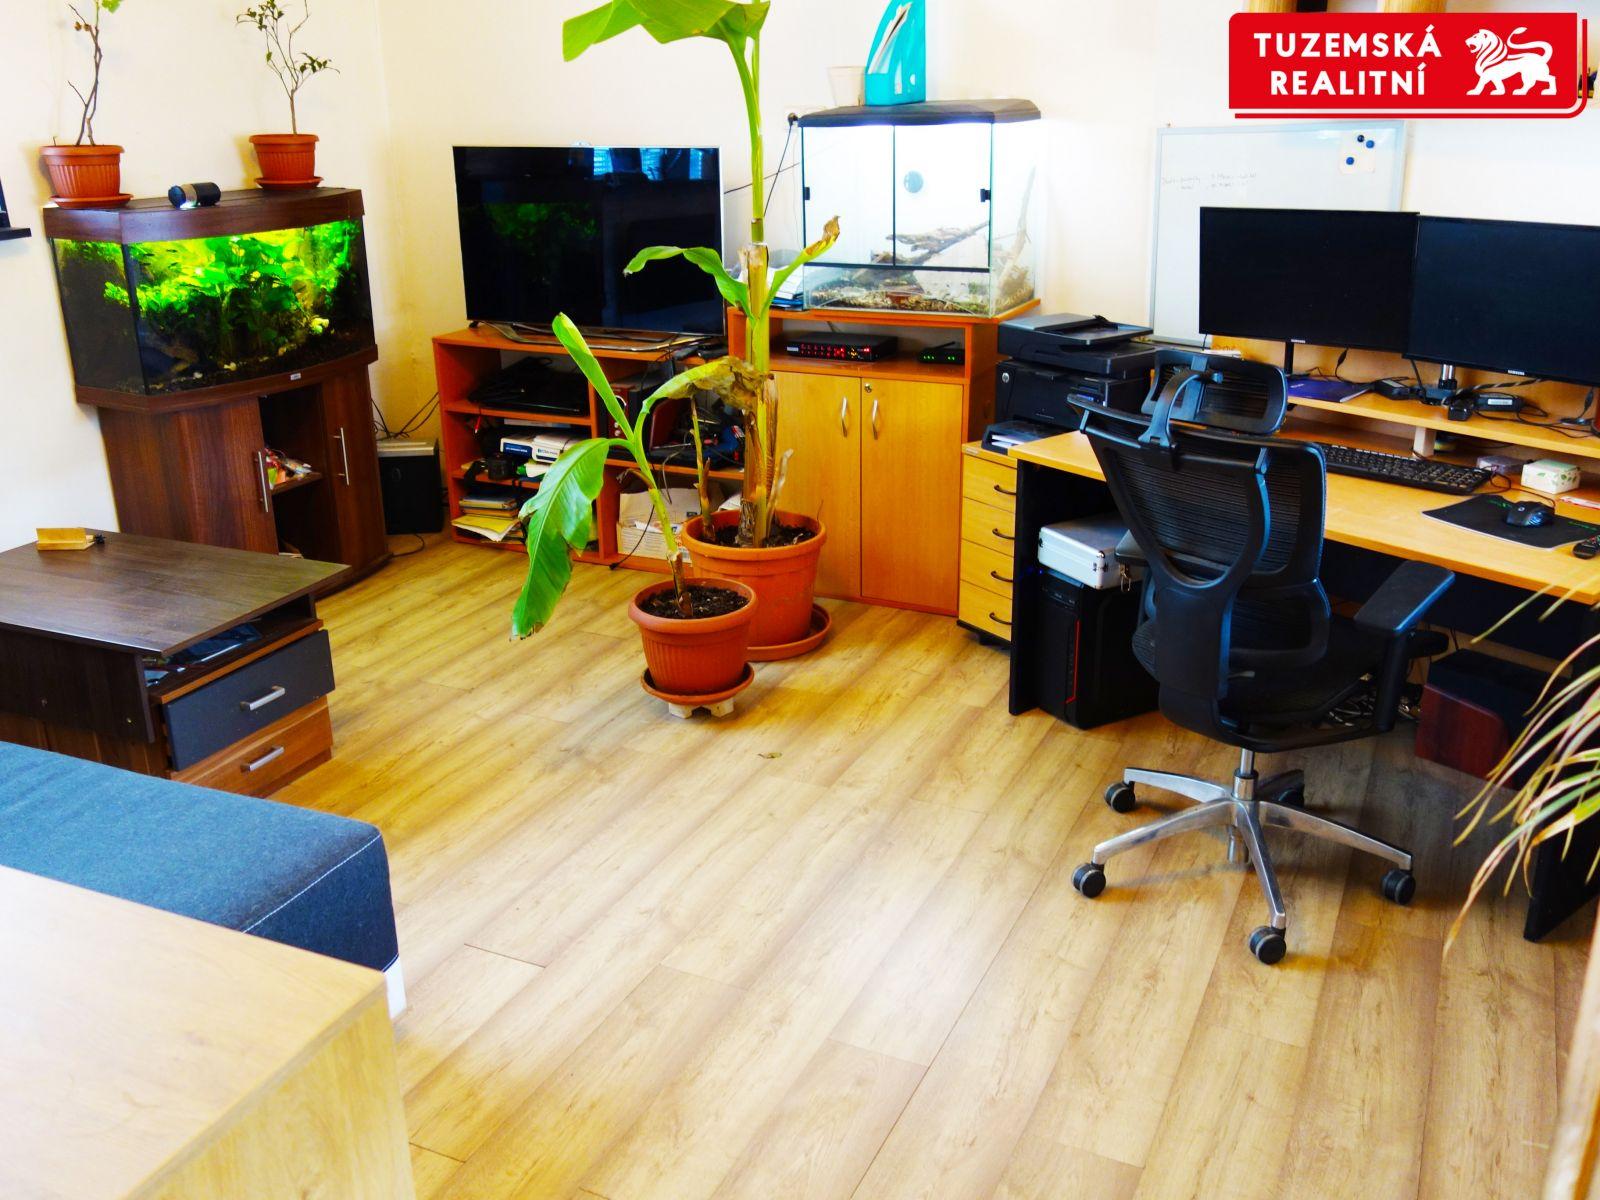 Skladové prostory, výrobní prostory, kancelářské prostory a rozestavěný objekt k bydlení.